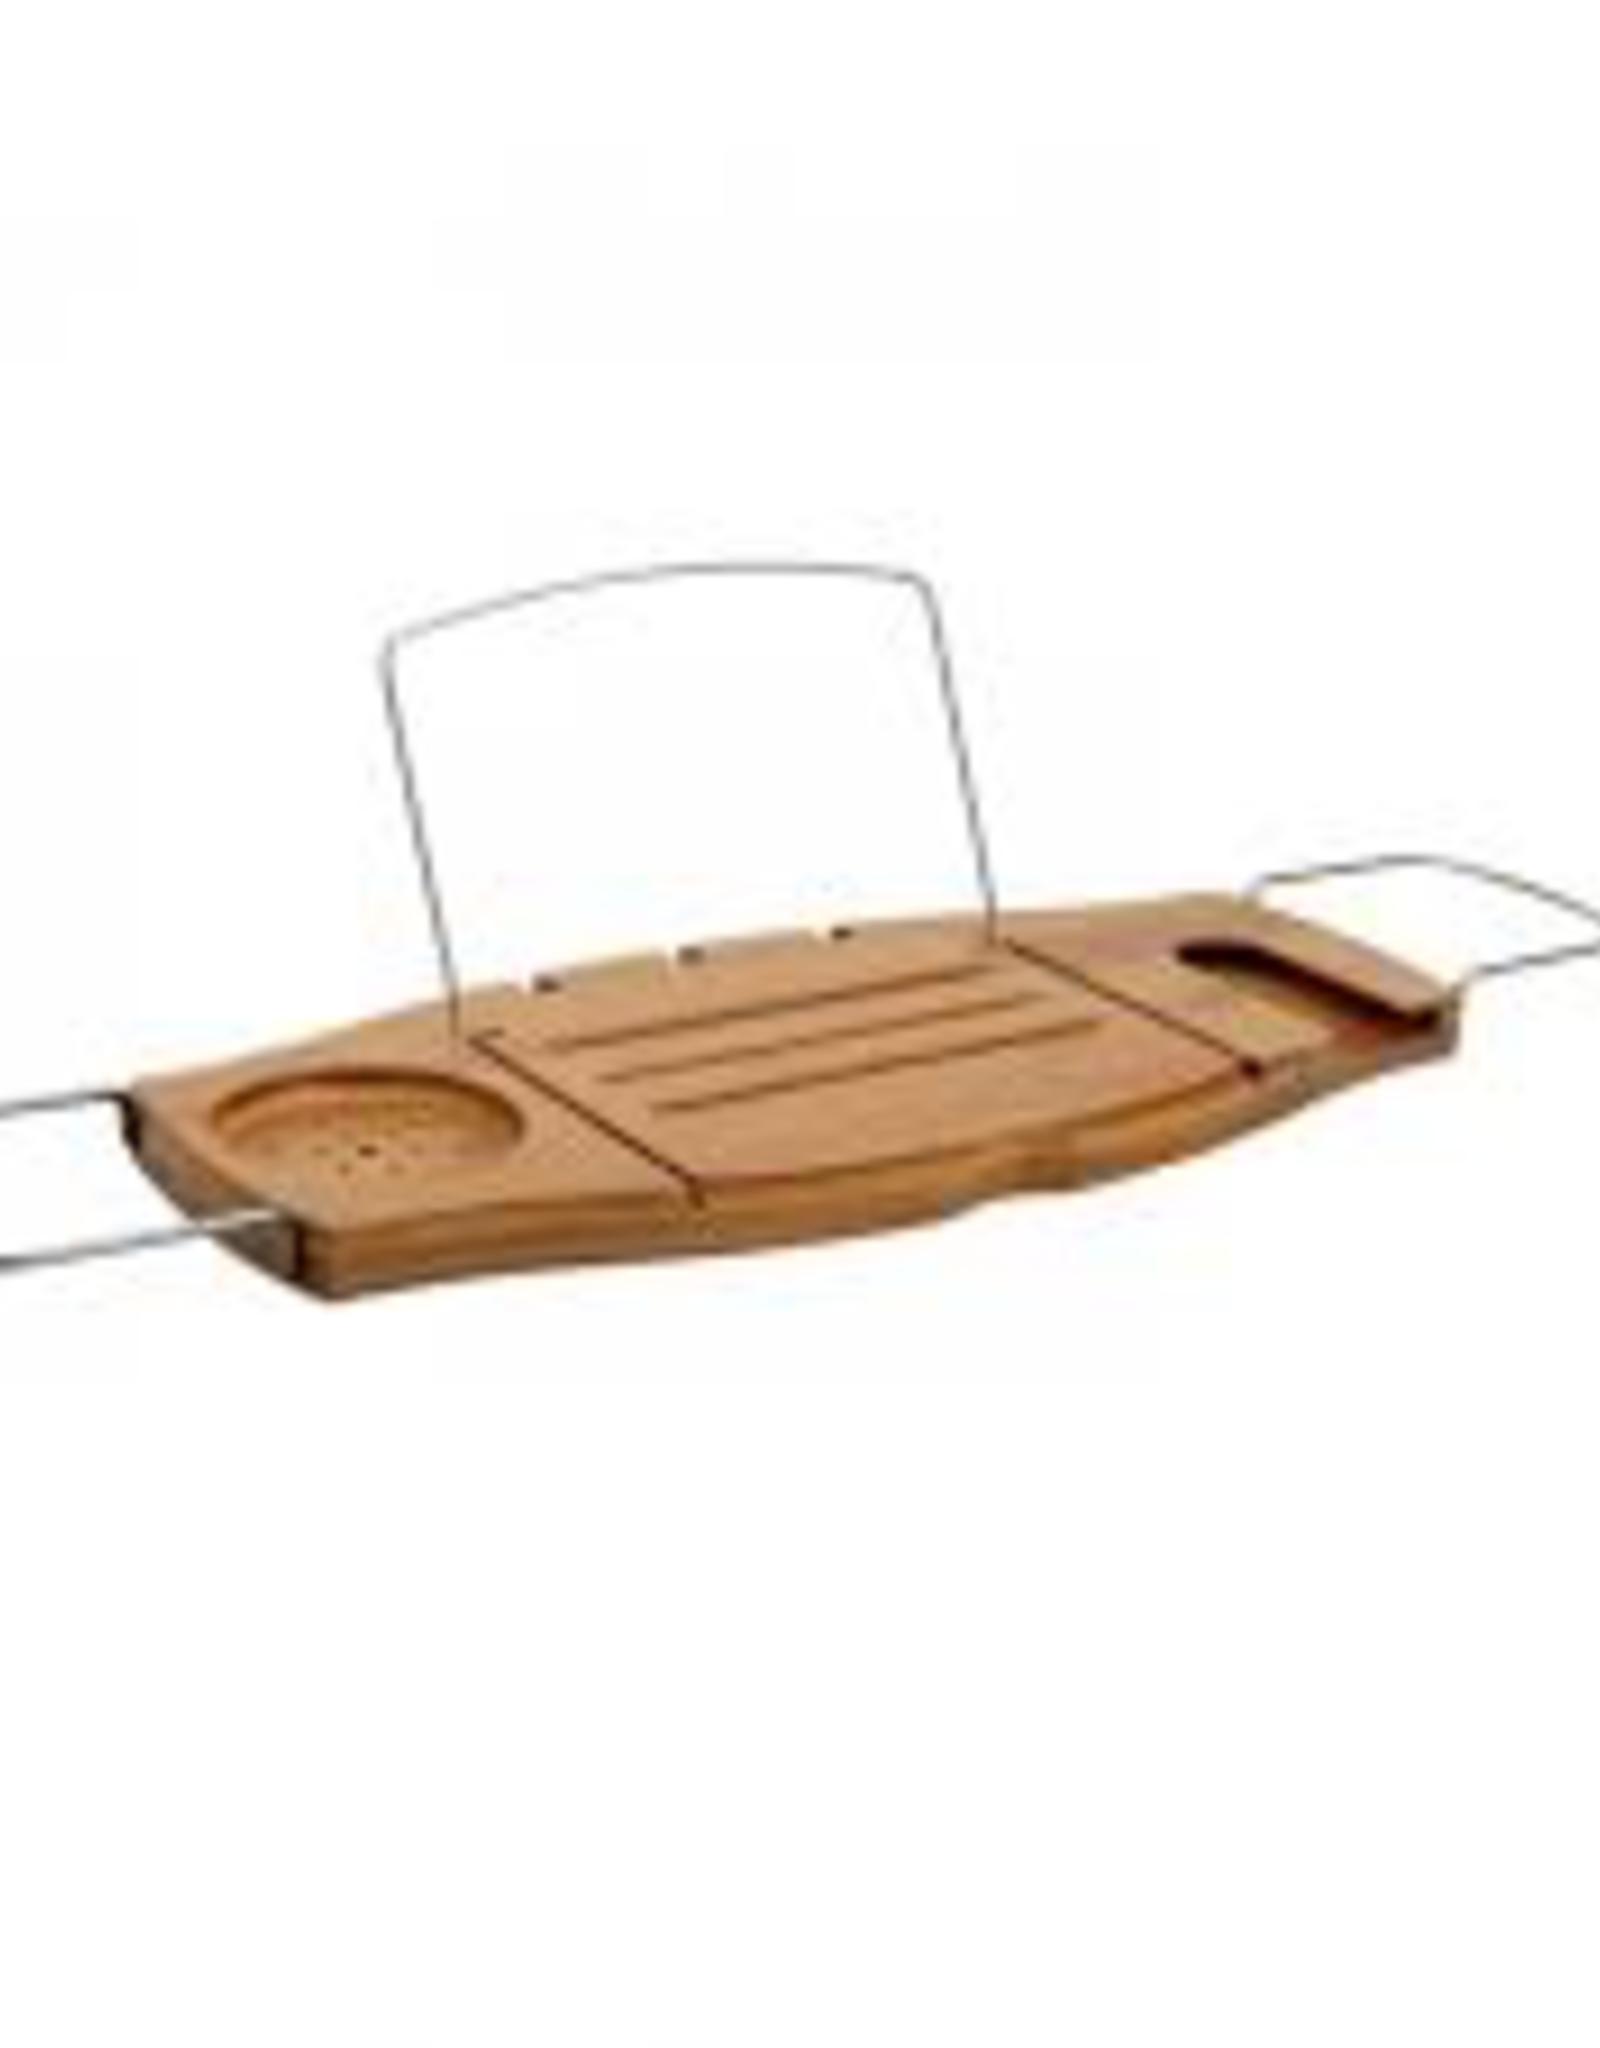 Aquala Bathtub Caddy - Natural